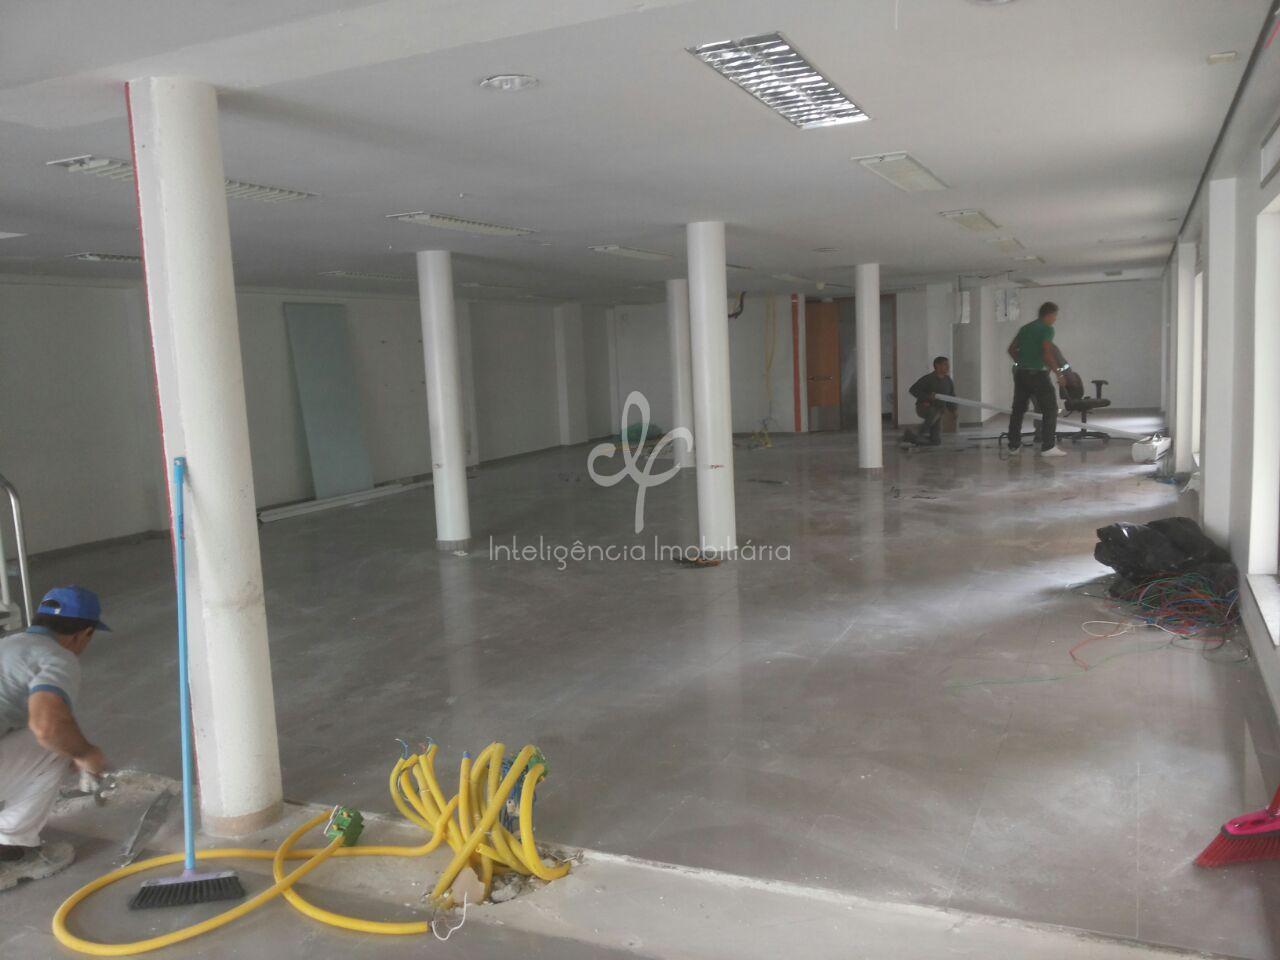 Excelente imóvel comercial com 2 pisos, 4 vagas, Chácara Santo Antônio, SP